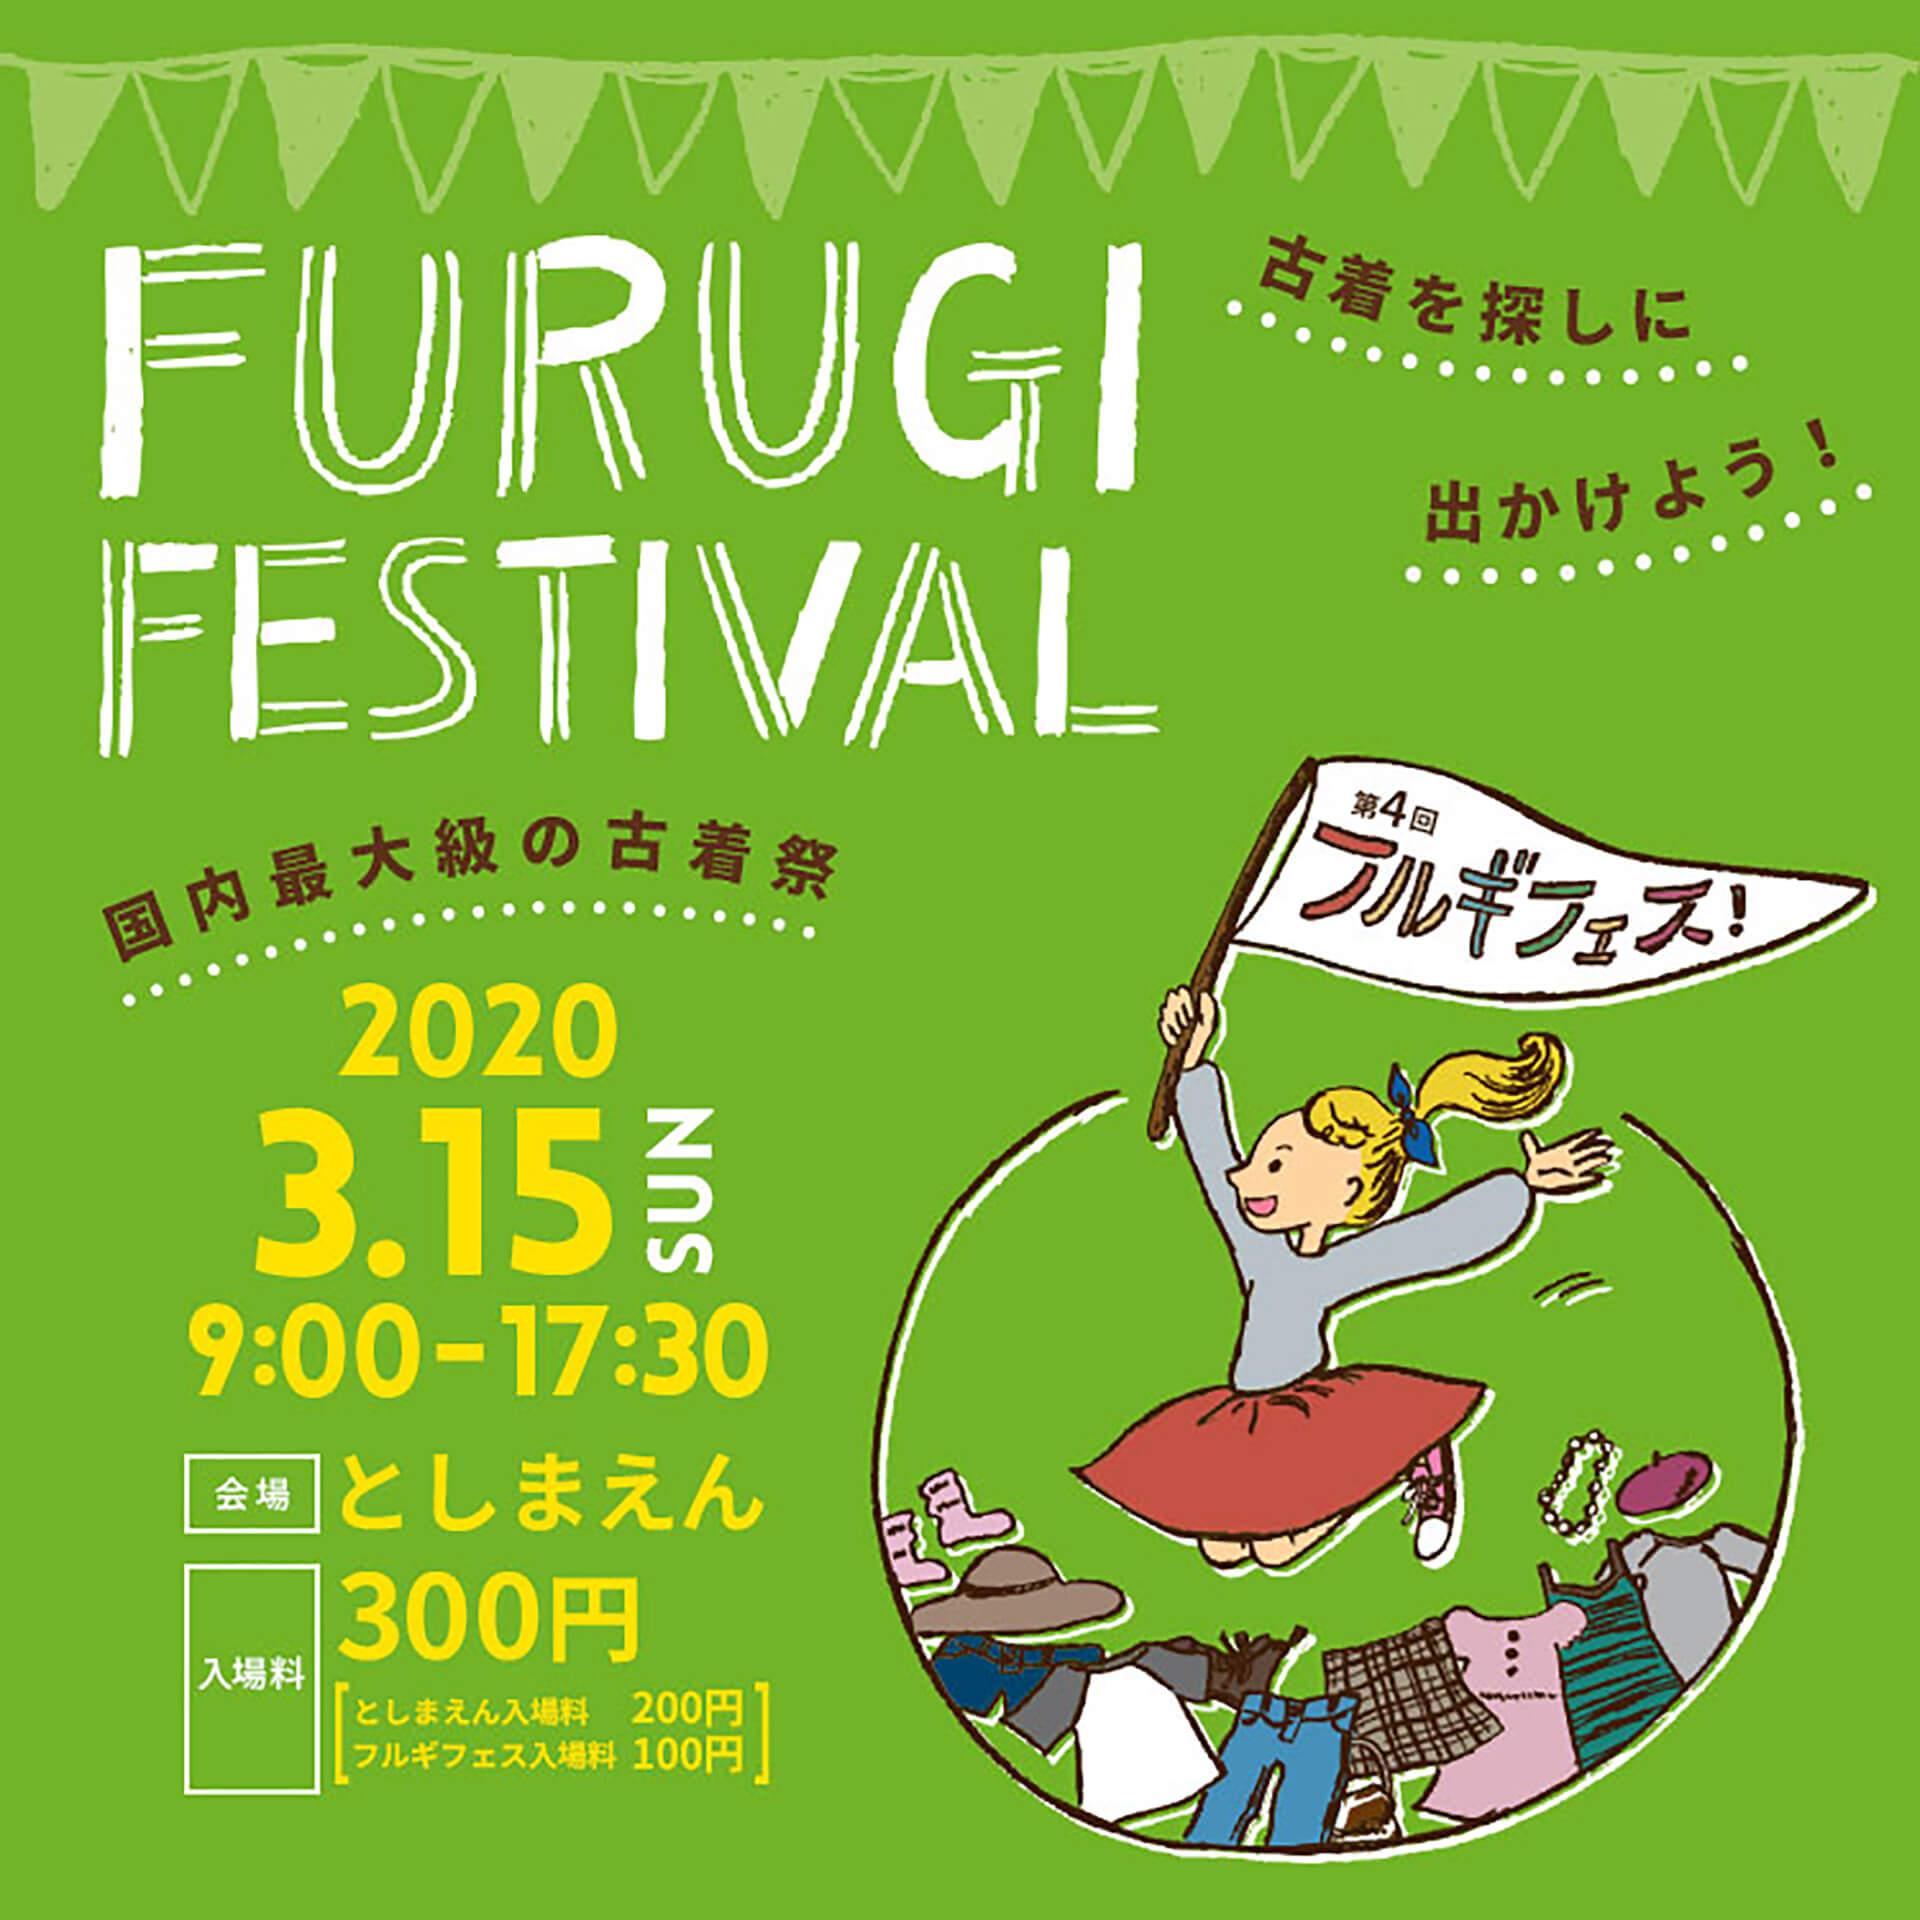 第4回 FURUGI フェスティバル・バナー